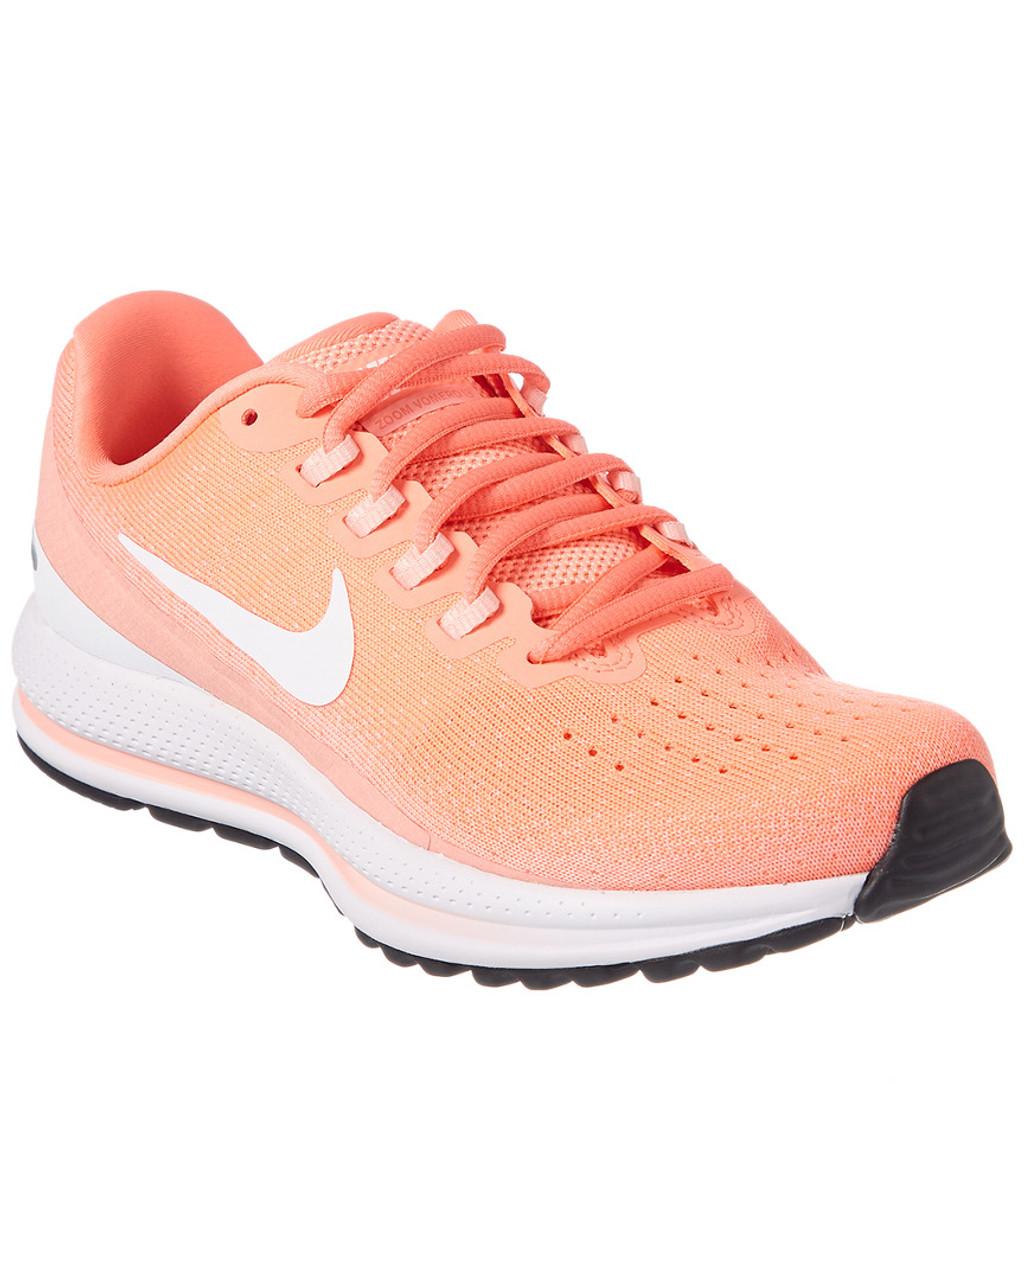 3cf9533ba68e Nike Women s Air Zoom Vomero 13 Running Shoe~1311732952 - Carsons